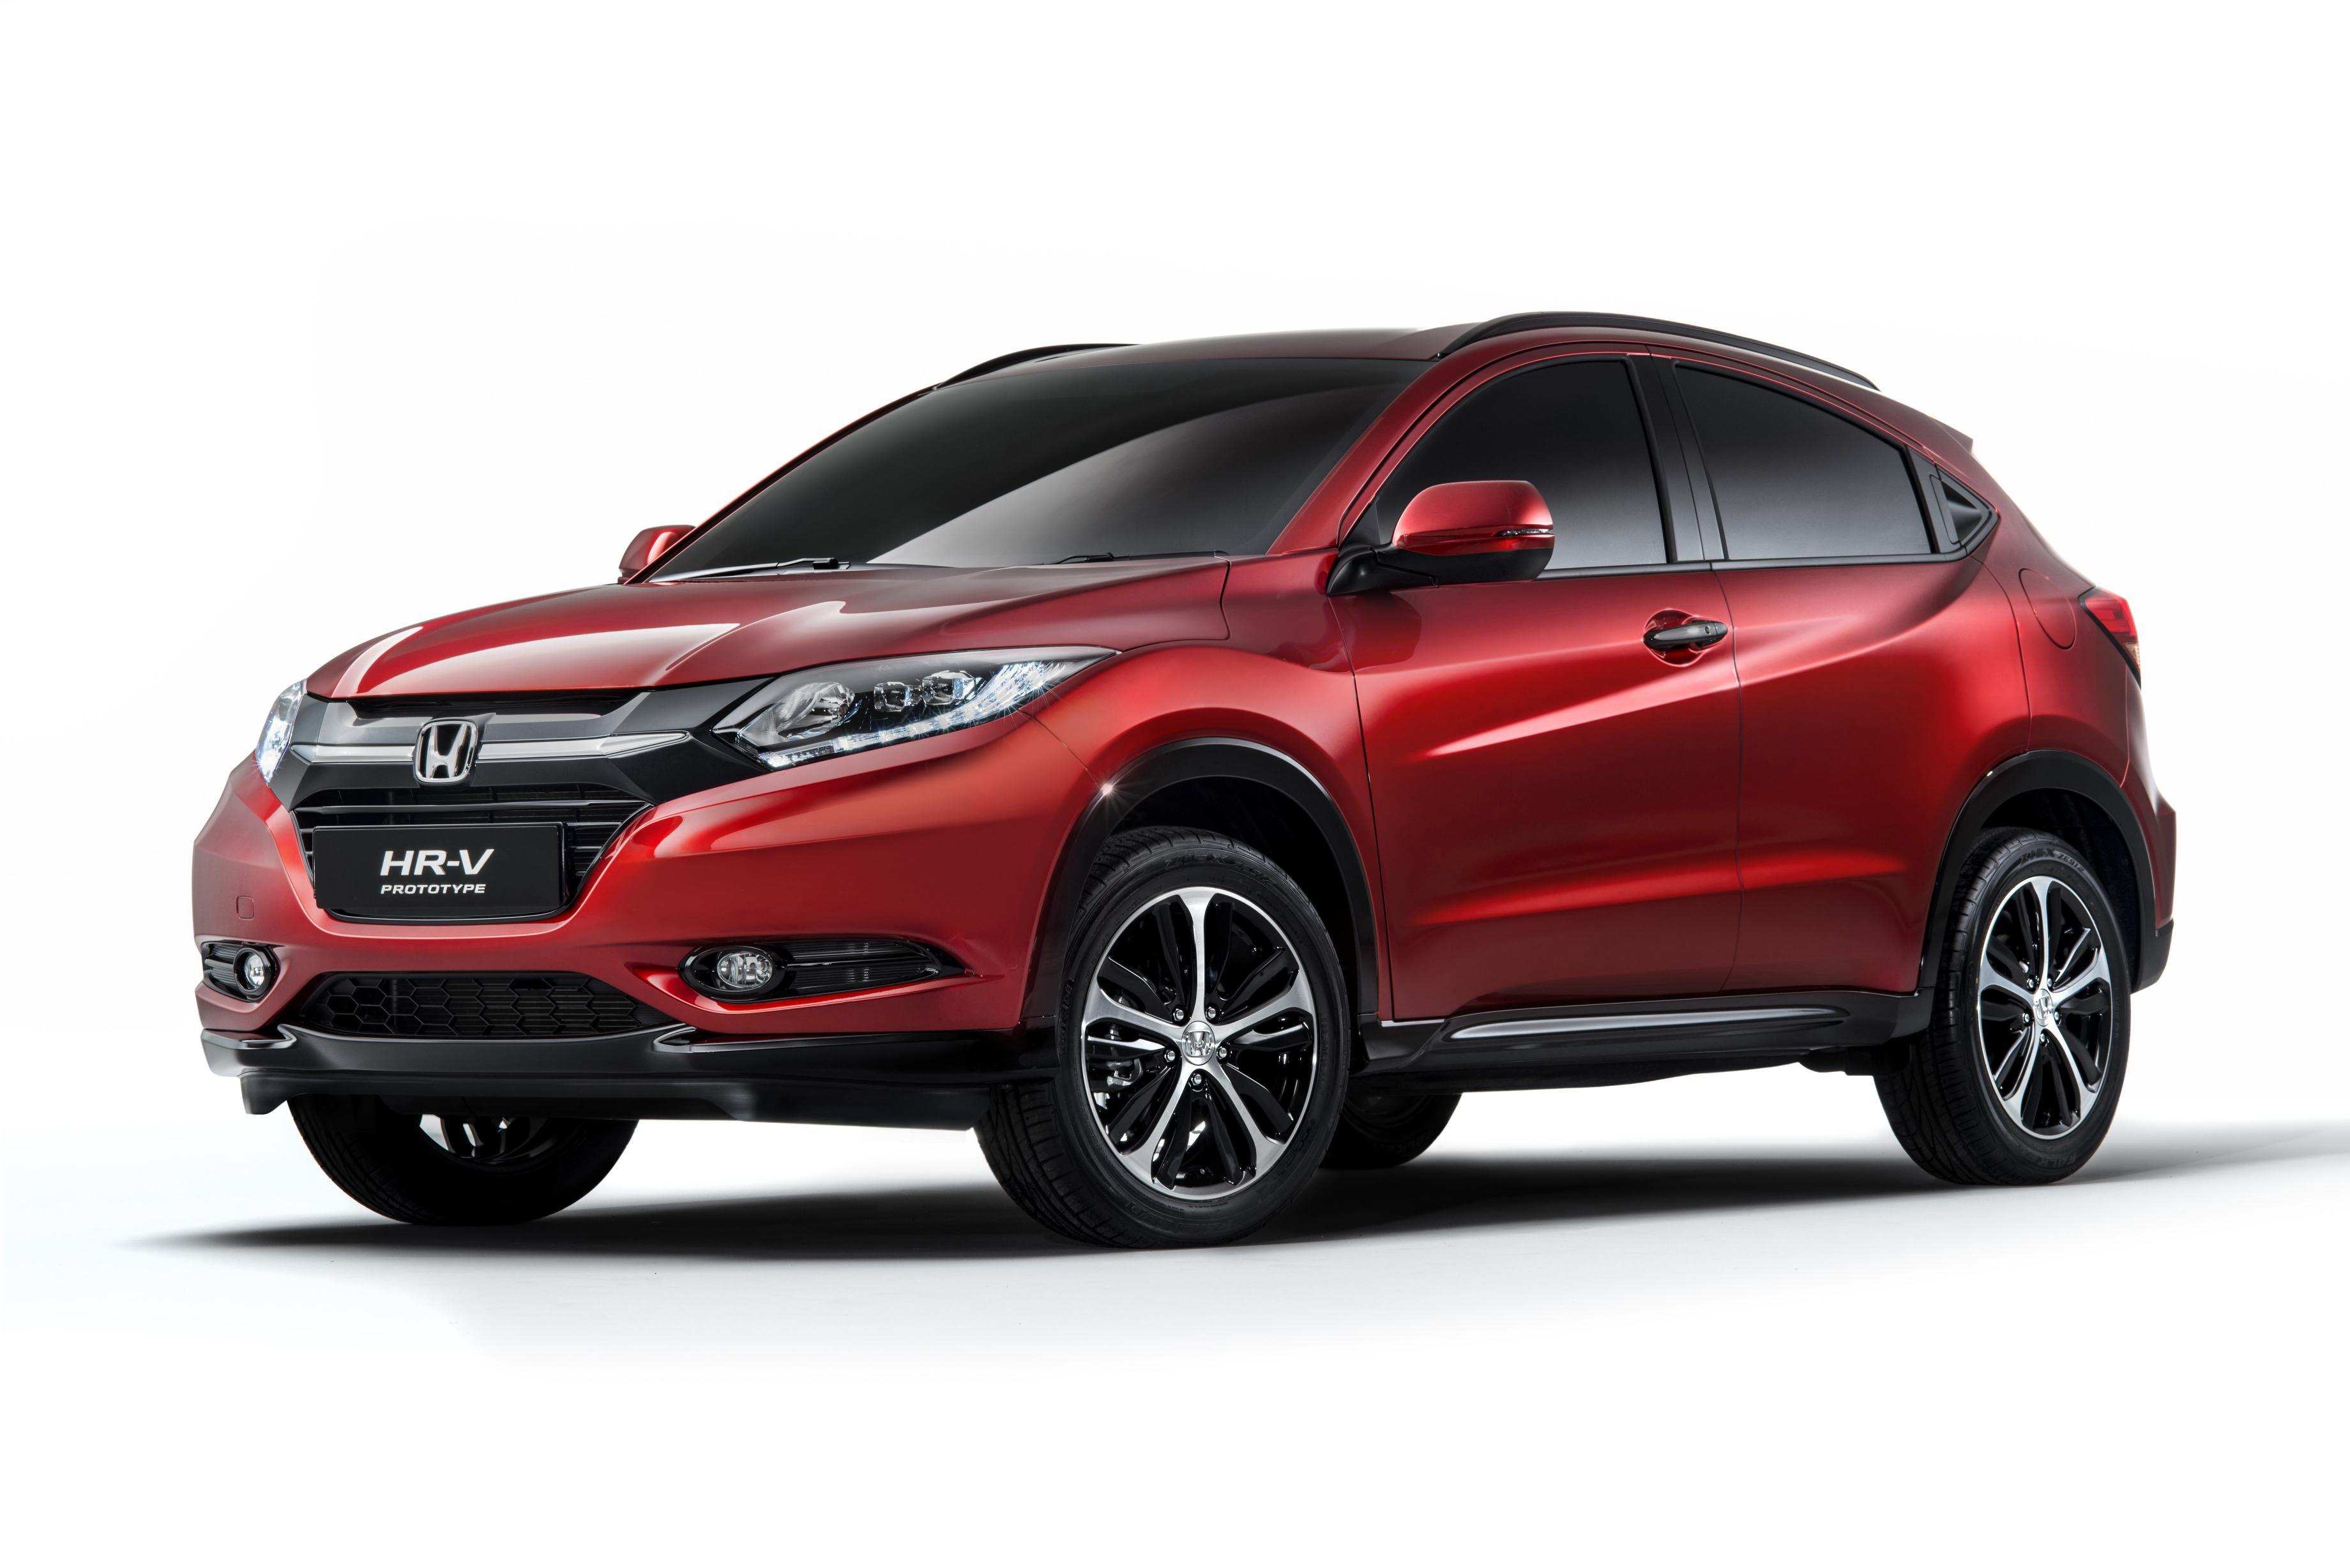 Honda HR-V Prototype 2014 01